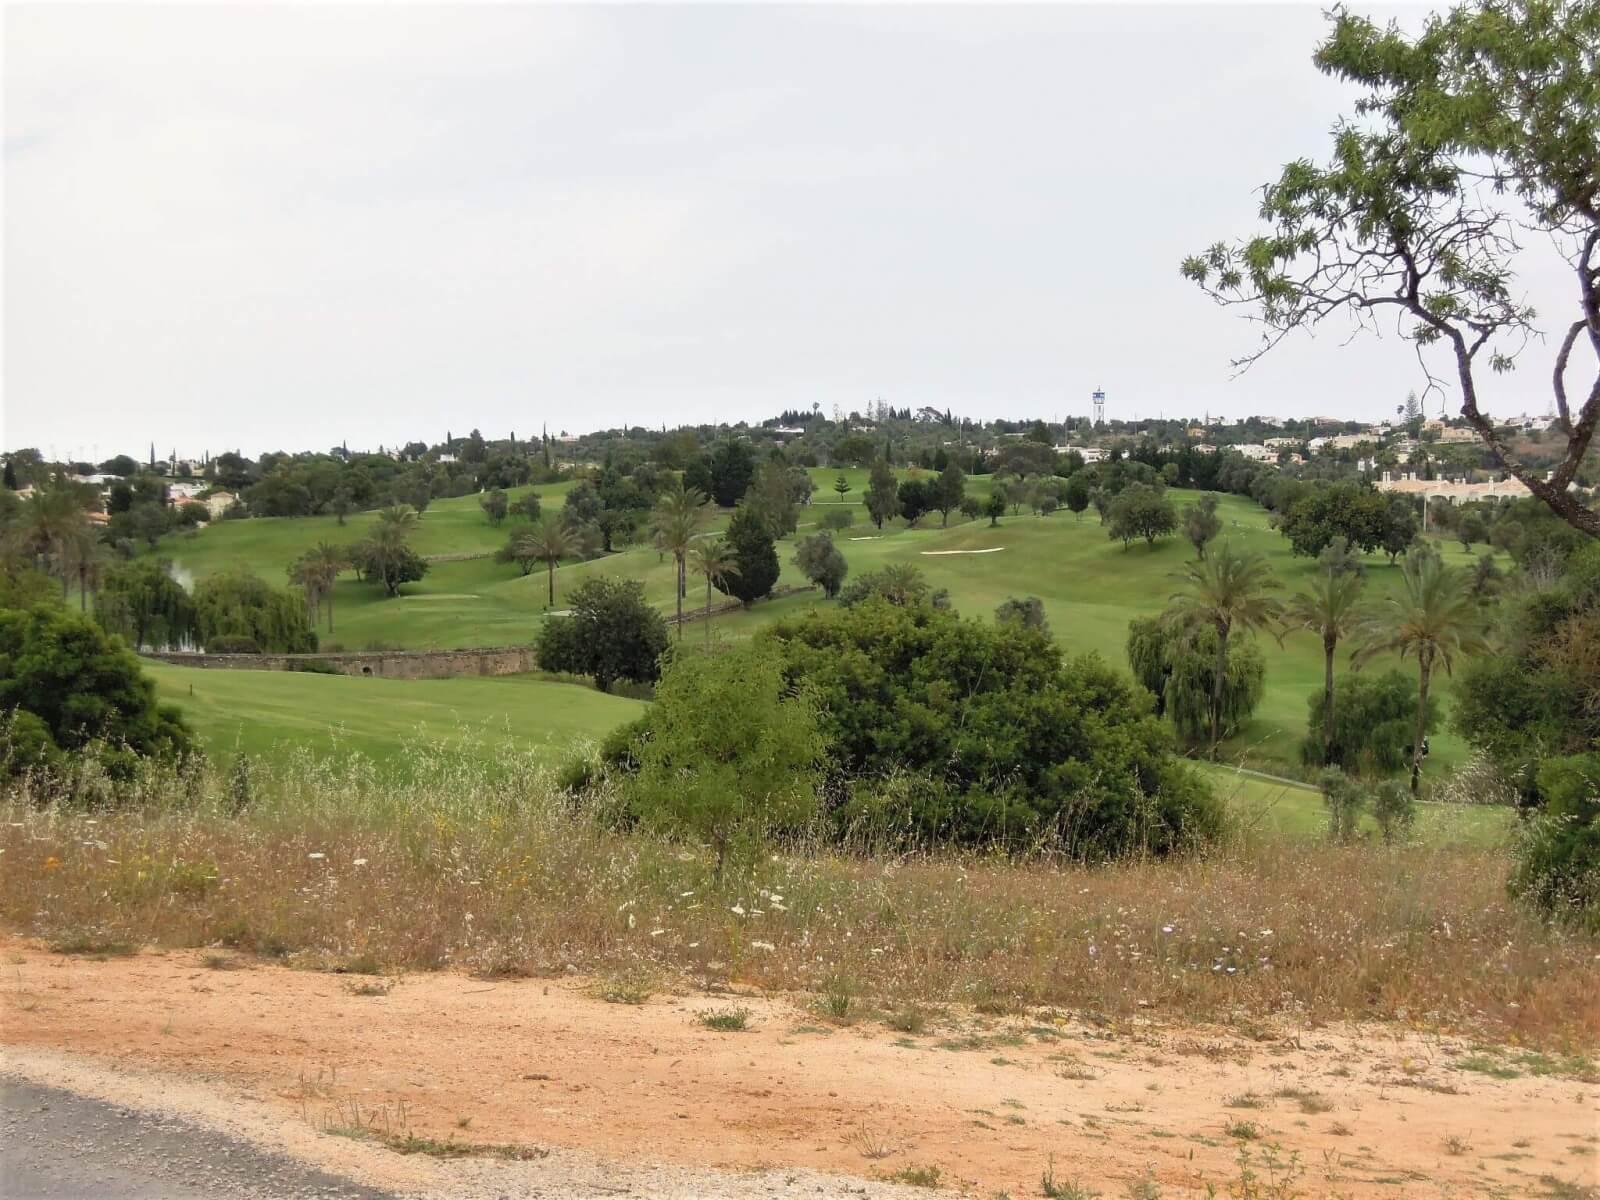 Dupla Suite-Portugália-Lagos-http://alacsonyjutalek.hu/ - Megbízható, megfizethető, minőségi ingatlanközvetítő iroda-tel: 36-30-9843-962